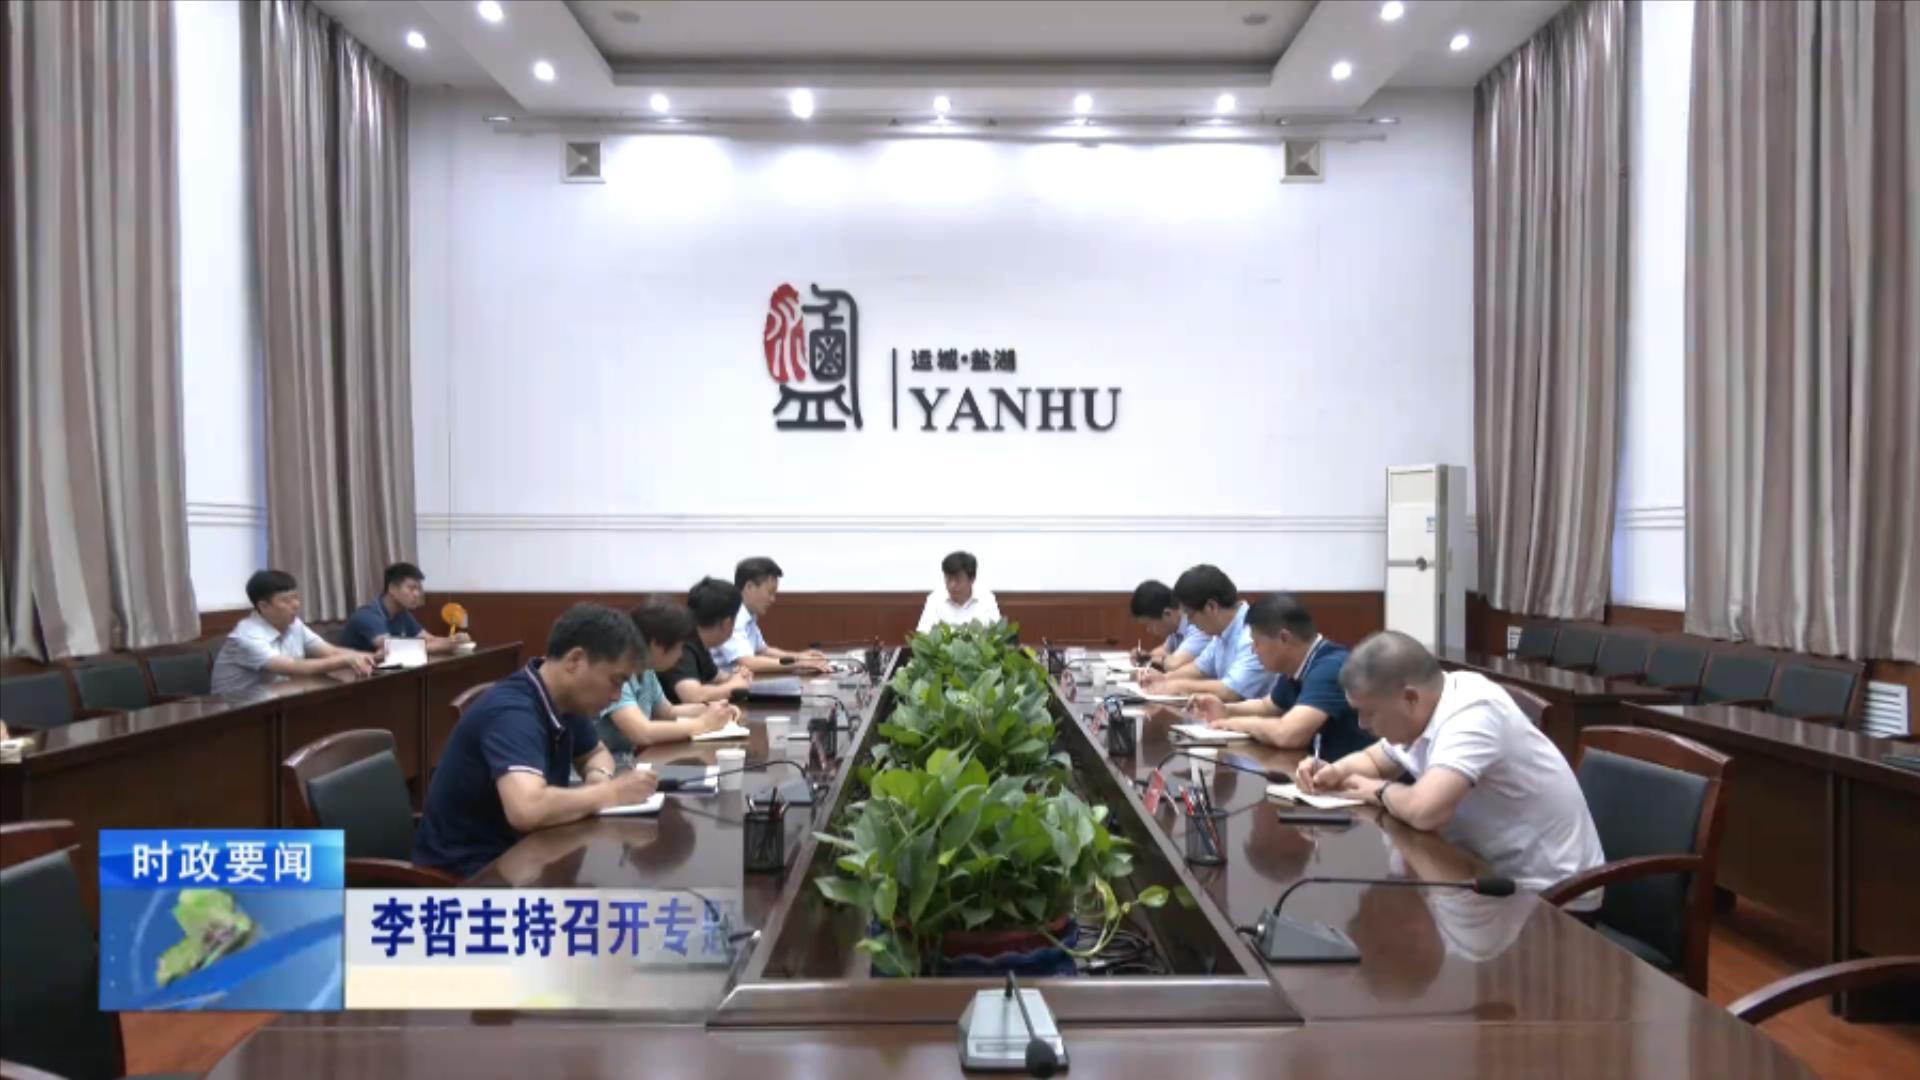 李哲主持召开专题会议研究水泵产业标准化厂房建设工作